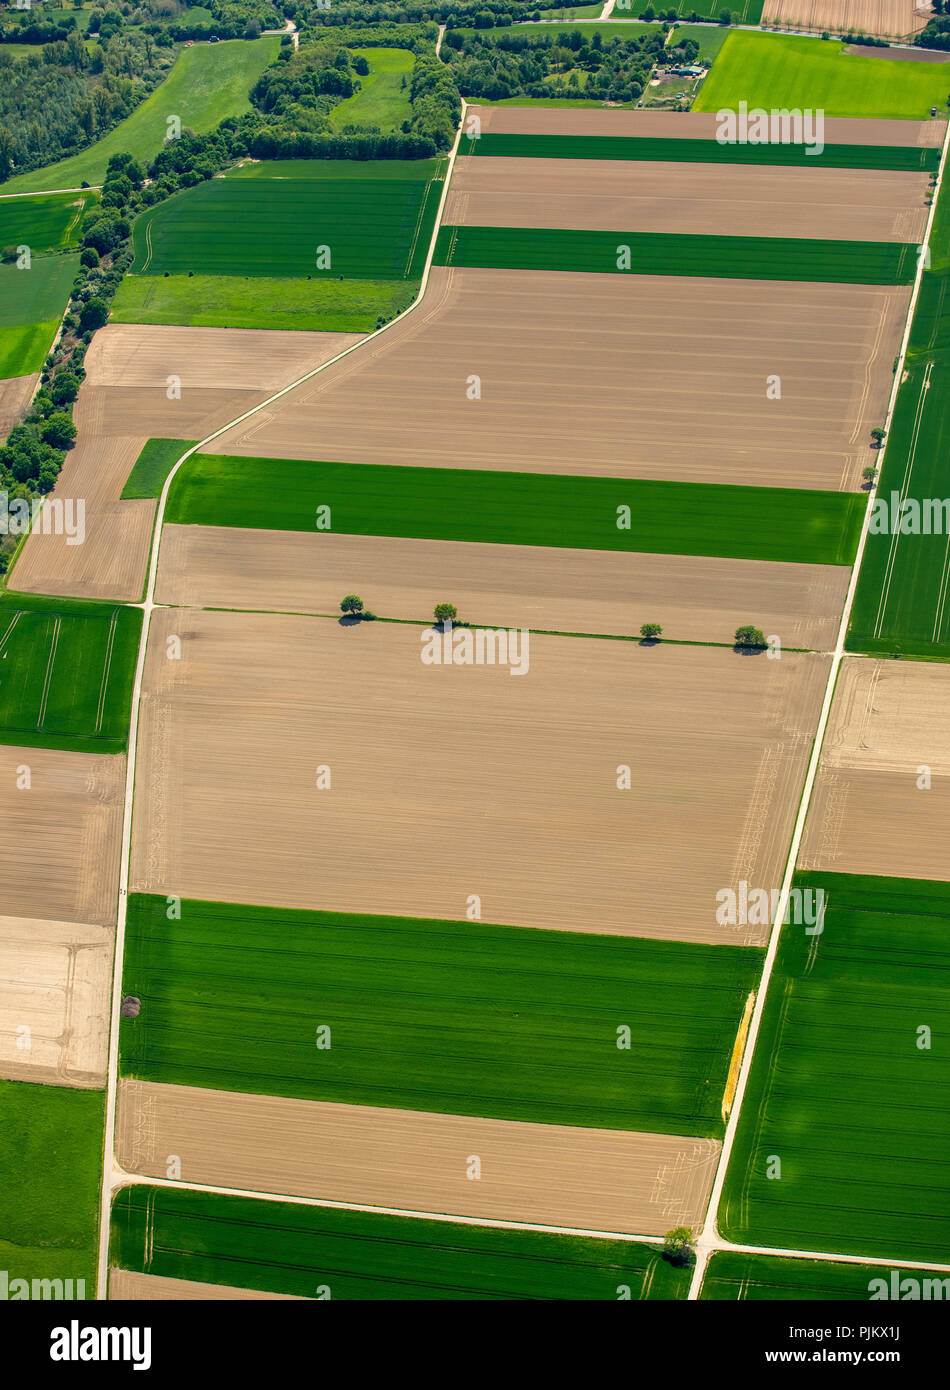 Getreidefelder am Niederrhein, Fruchtfolge, Mais Felder im Frühling, Neuss, Niederrhein, Nordrhein-Westfalen, Deutschland Stockbild